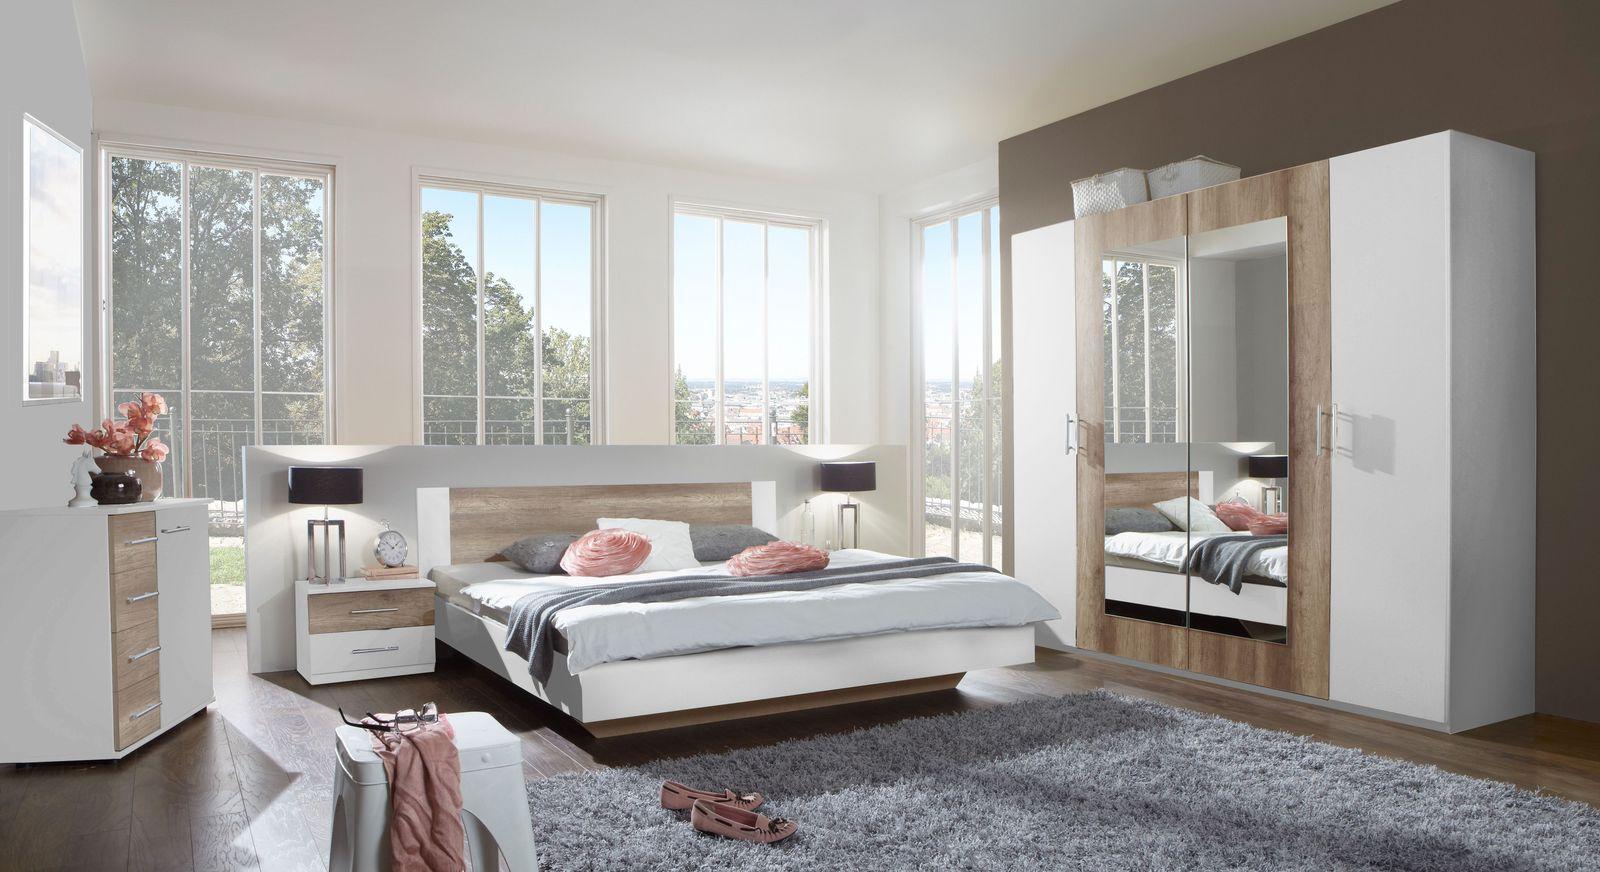 Schlafzimmer Makeover Ideen Zur Schlafzimmer Neu Umgestaltung